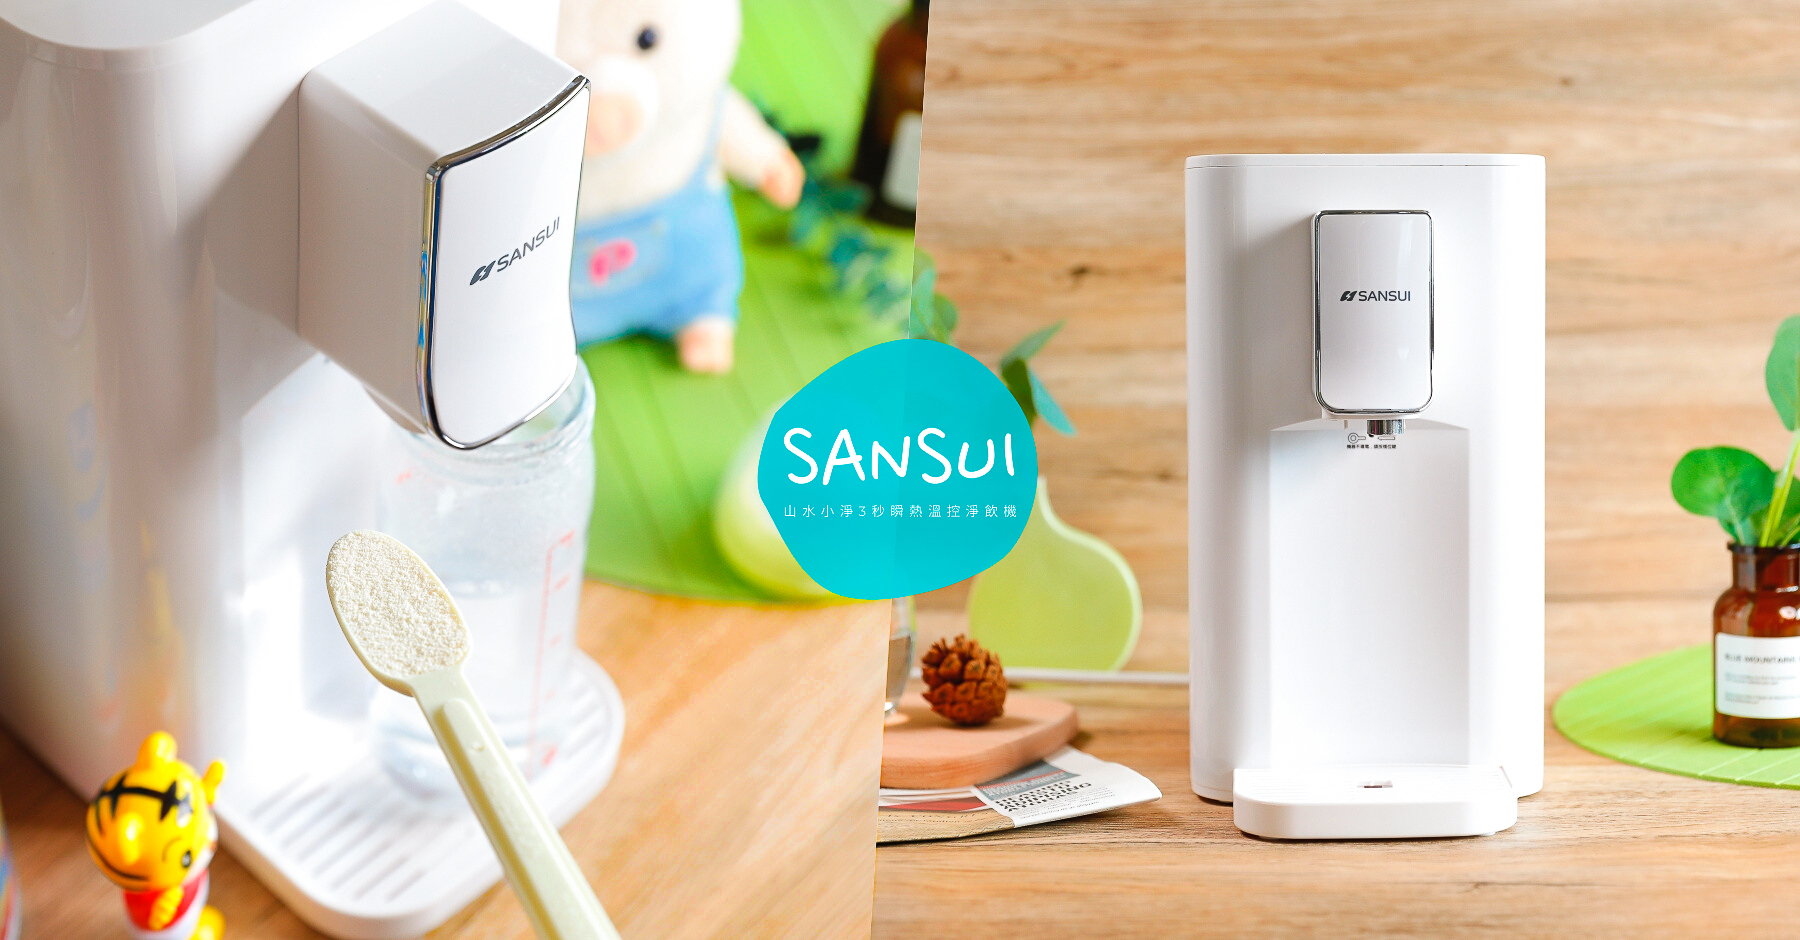 育兒神器推薦|SANSUI山水小淨3秒瞬熱溫控淨水機|免安裝瞬熱溫控高效濾芯淨水器優缺點評價